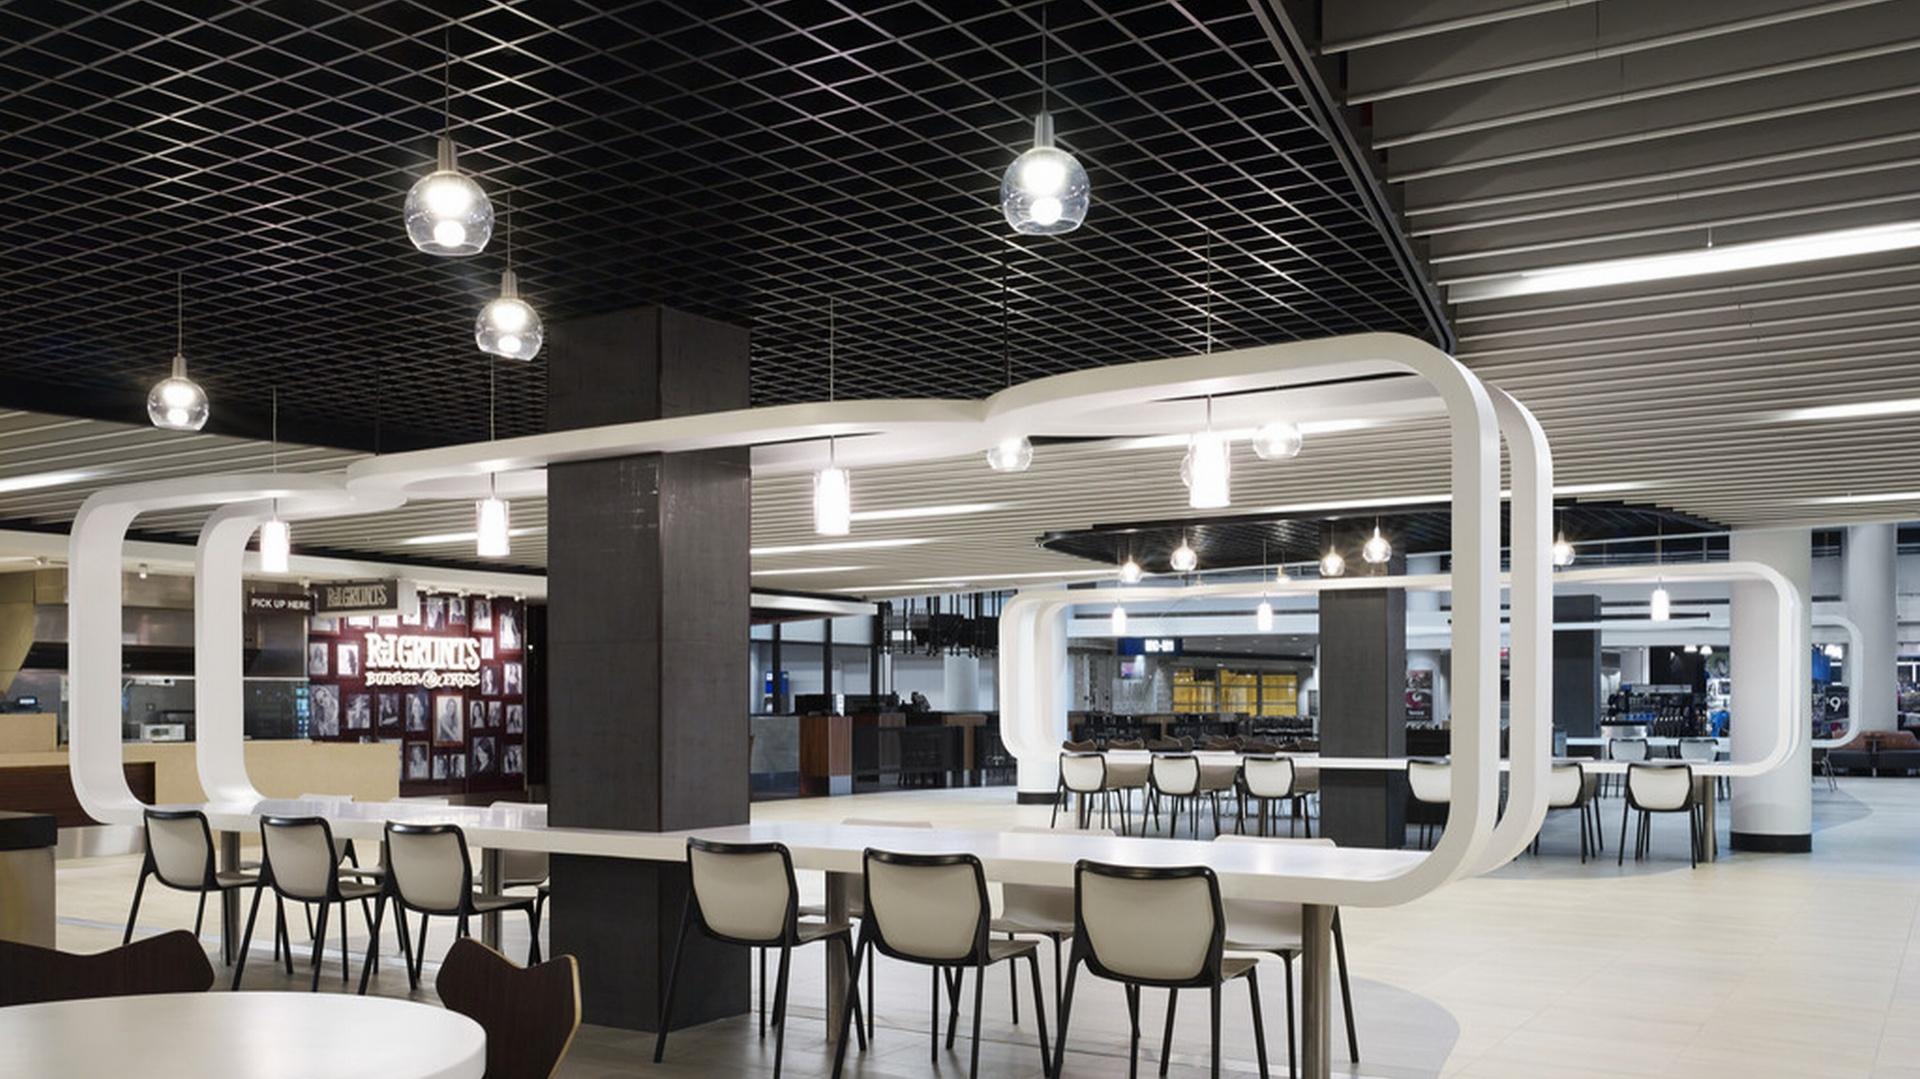 Biel i czerń na suficie – modułowe płyty akustyczne nadają wnętrzu charakter  oraz tłumią hałas w restauracjach i  otwartych strefach food court. Fot. Rockfon